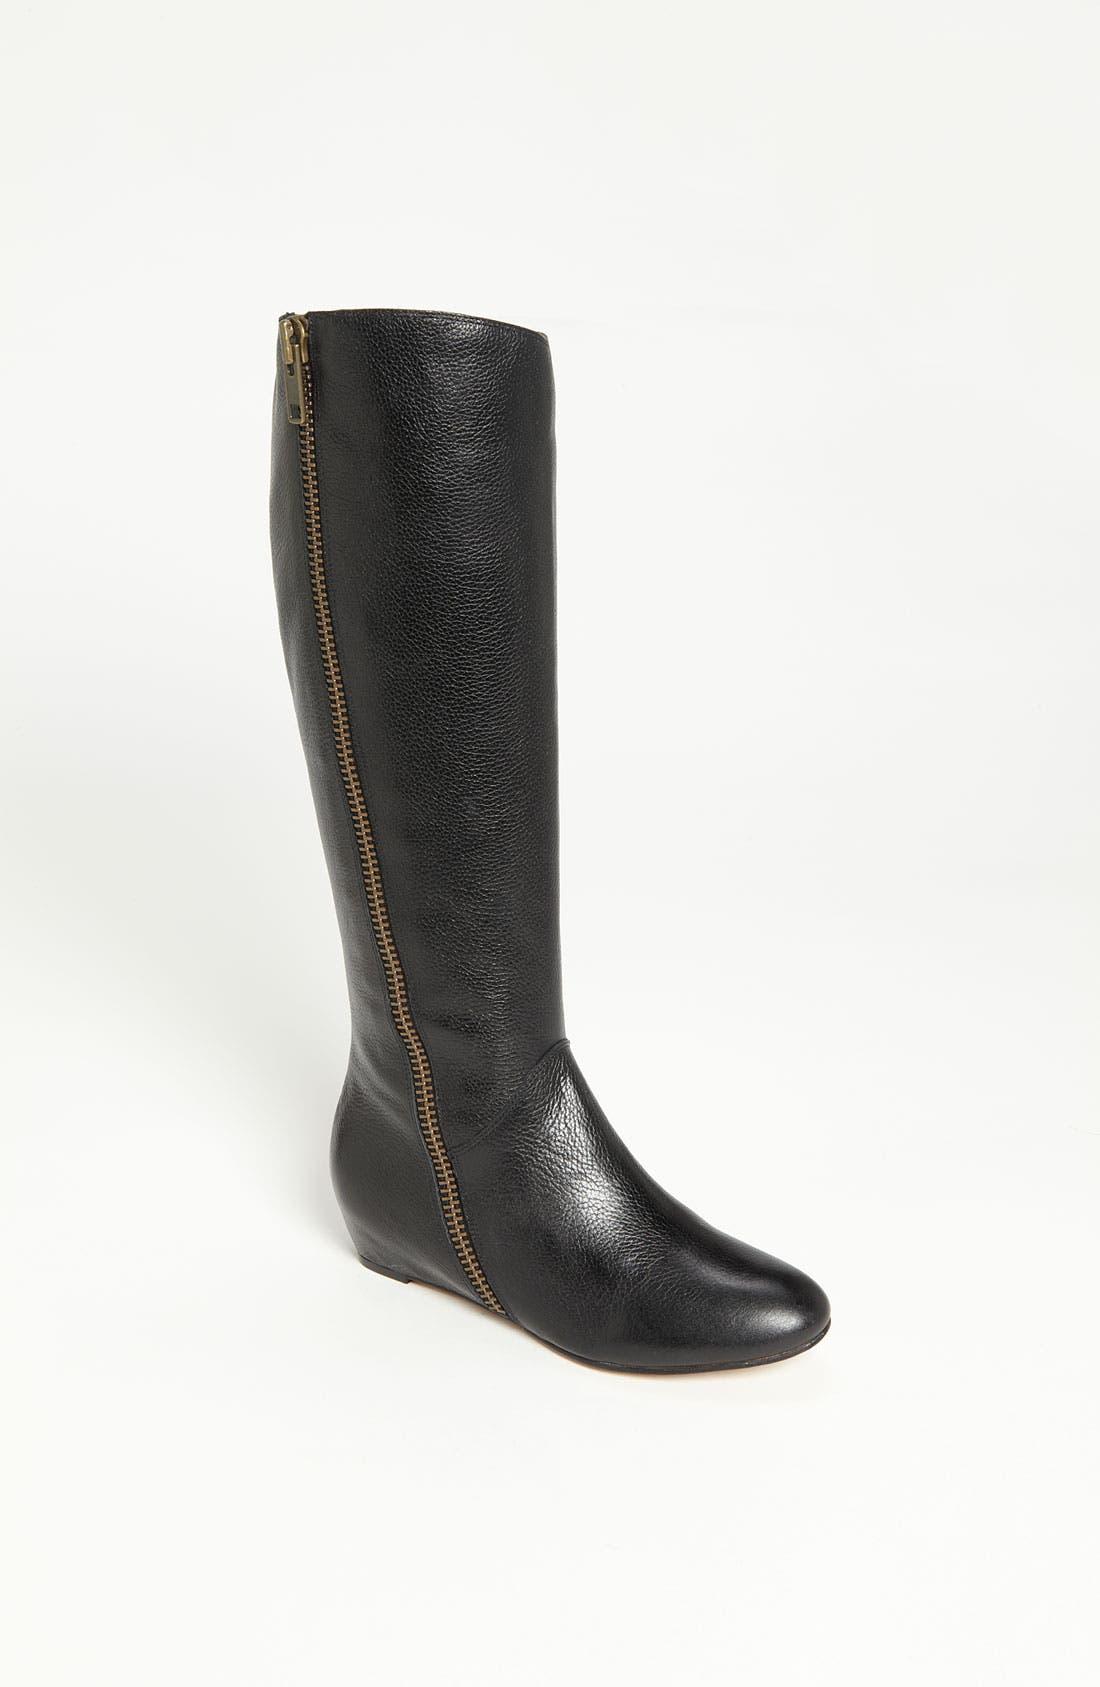 Alternate Image 1 Selected - Corso Como 'Doyle' Boot